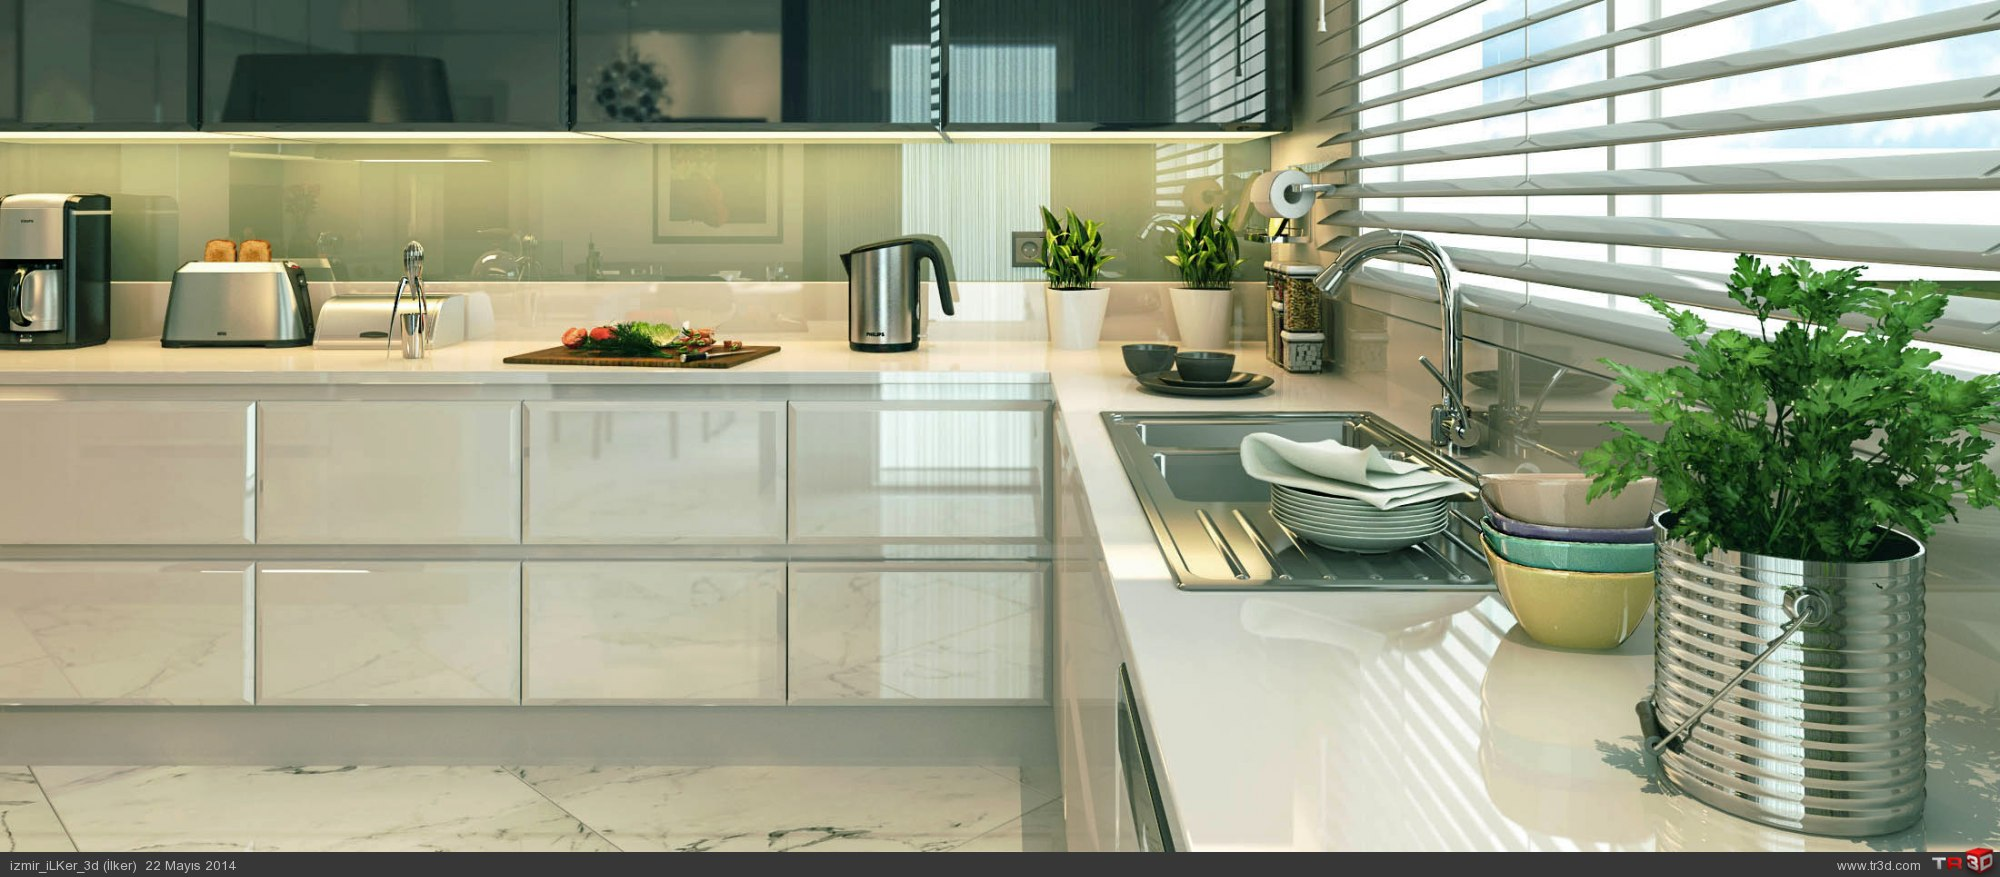 Mutfak Detay 2